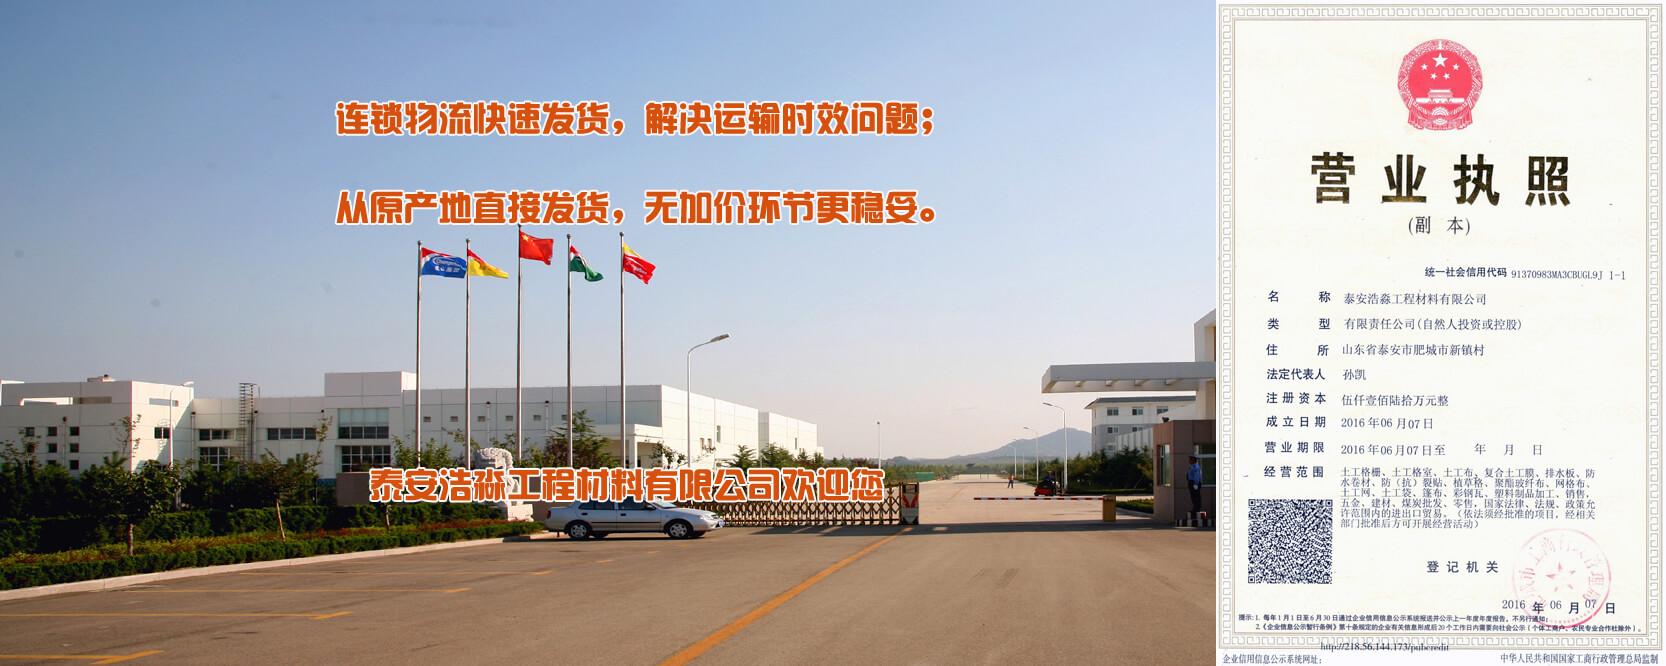 土工材料产品中心